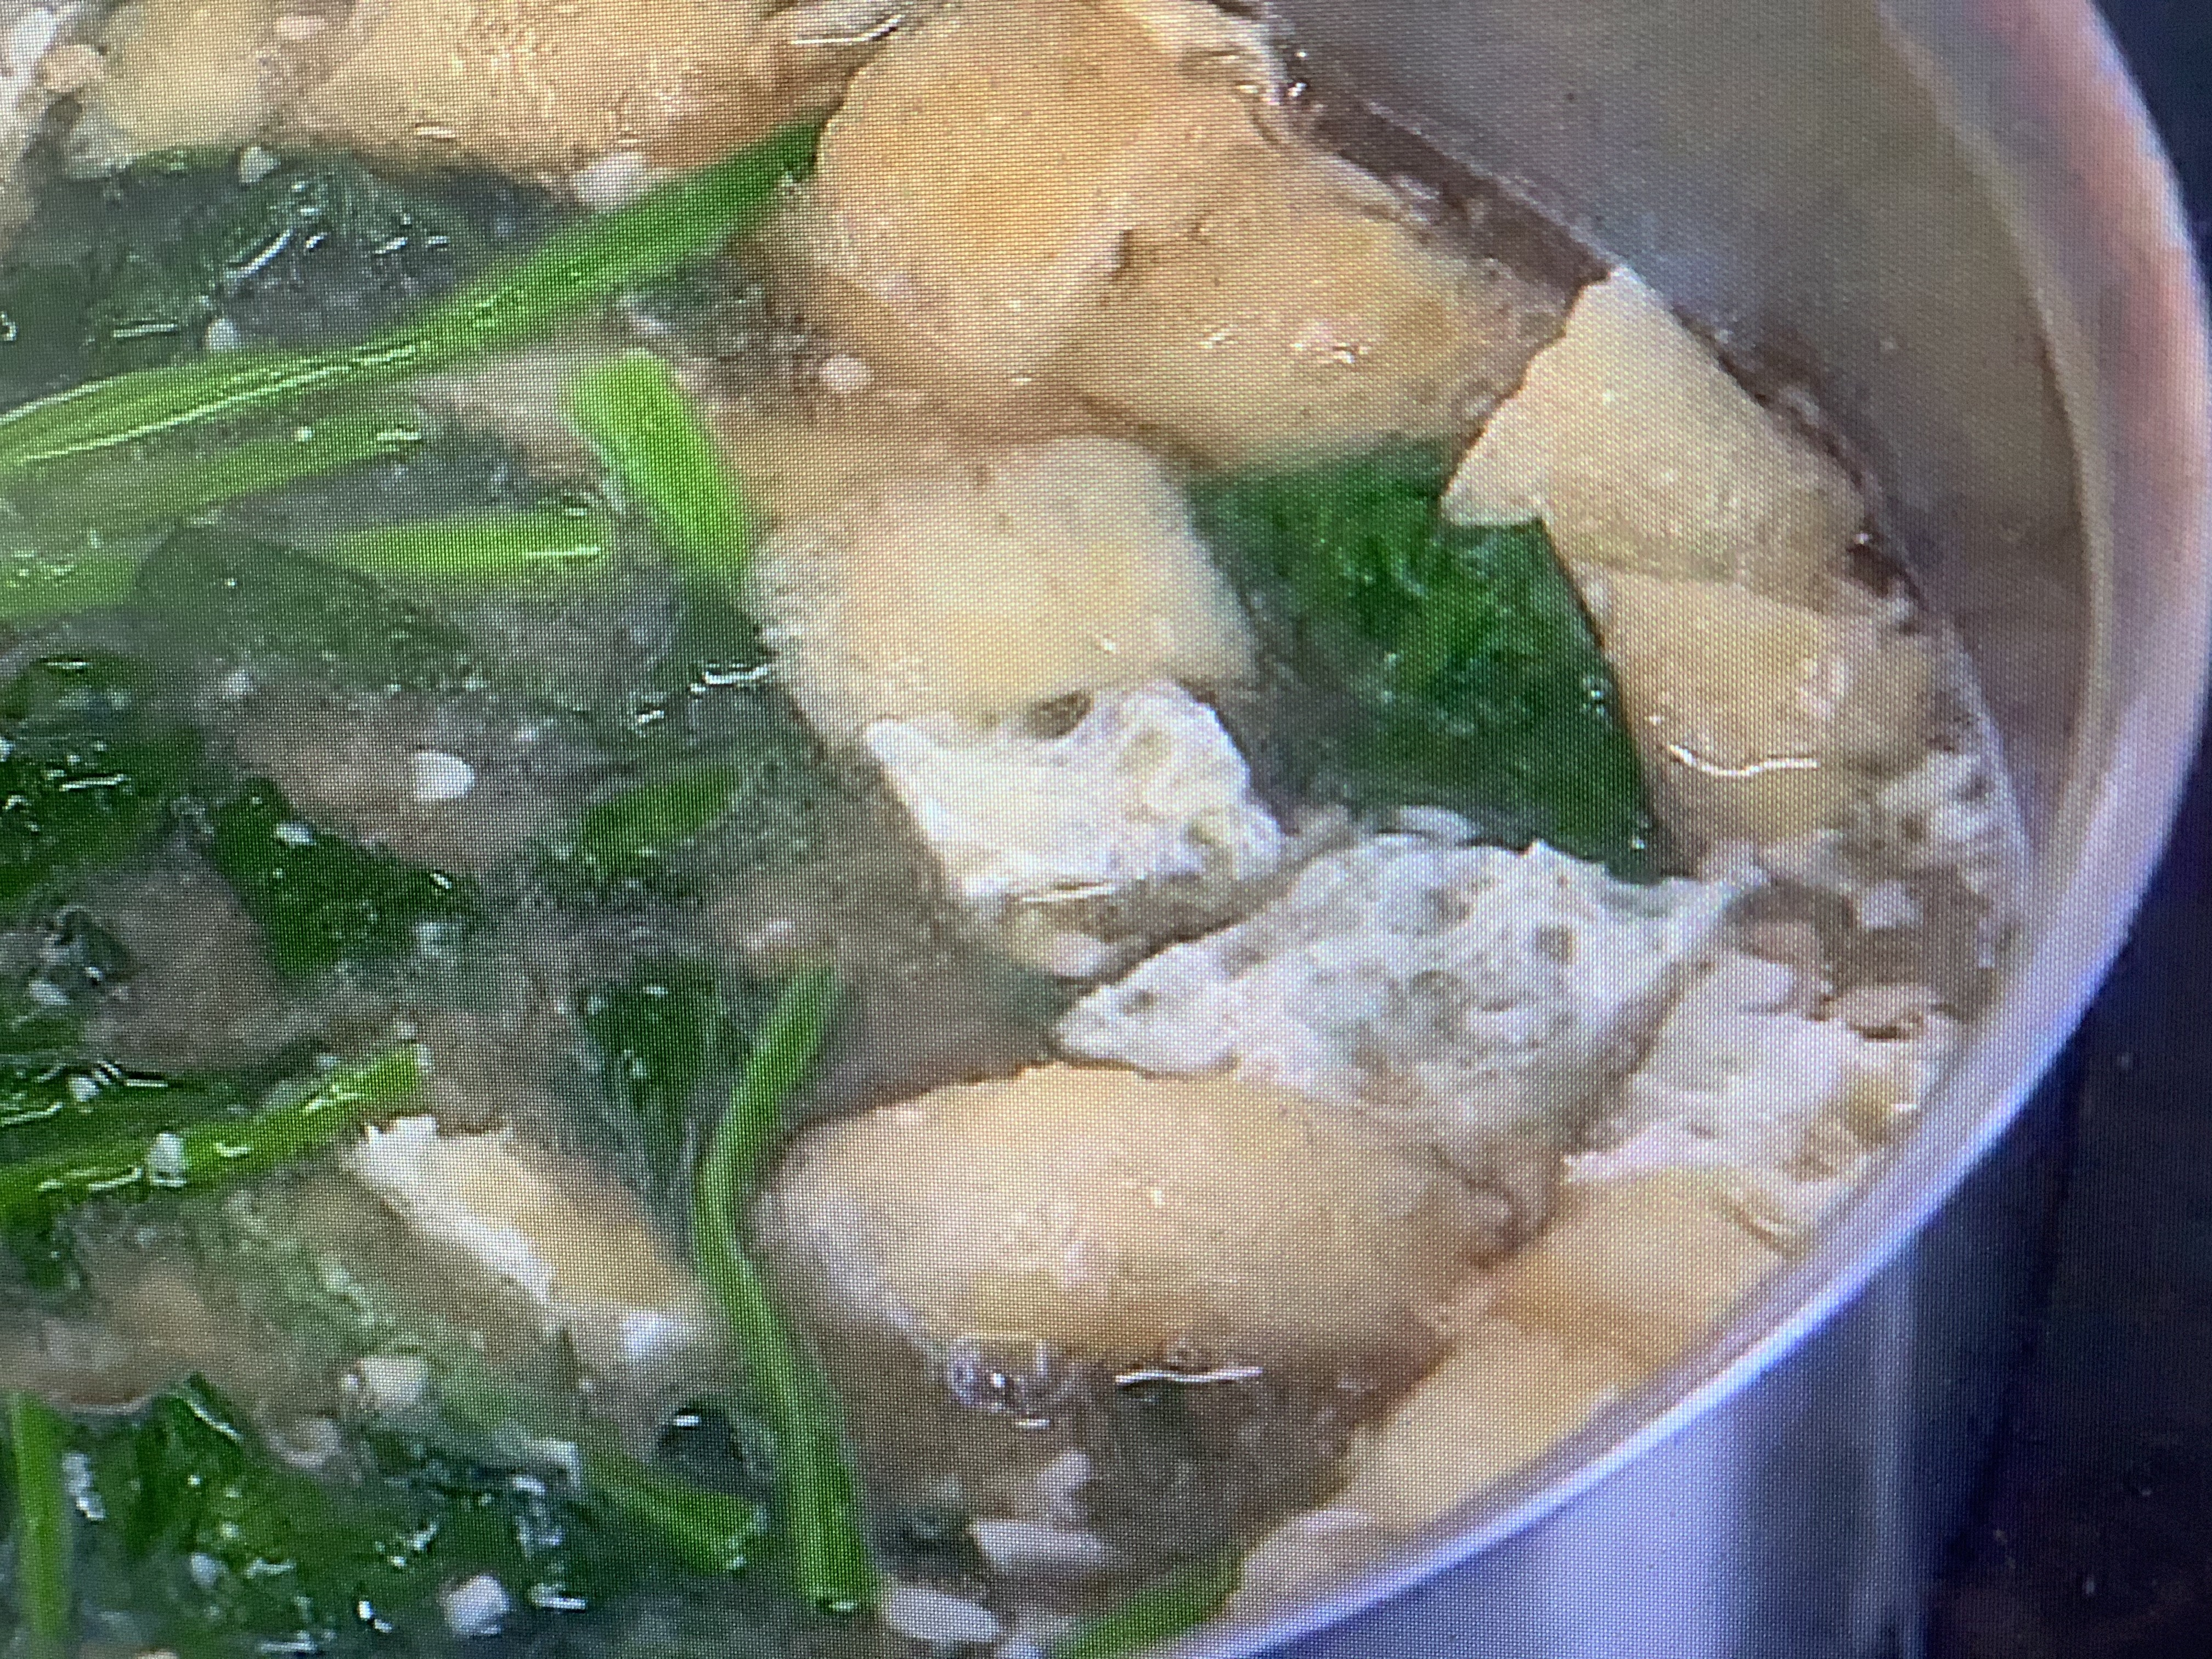 味噌汁 レシピ 画像